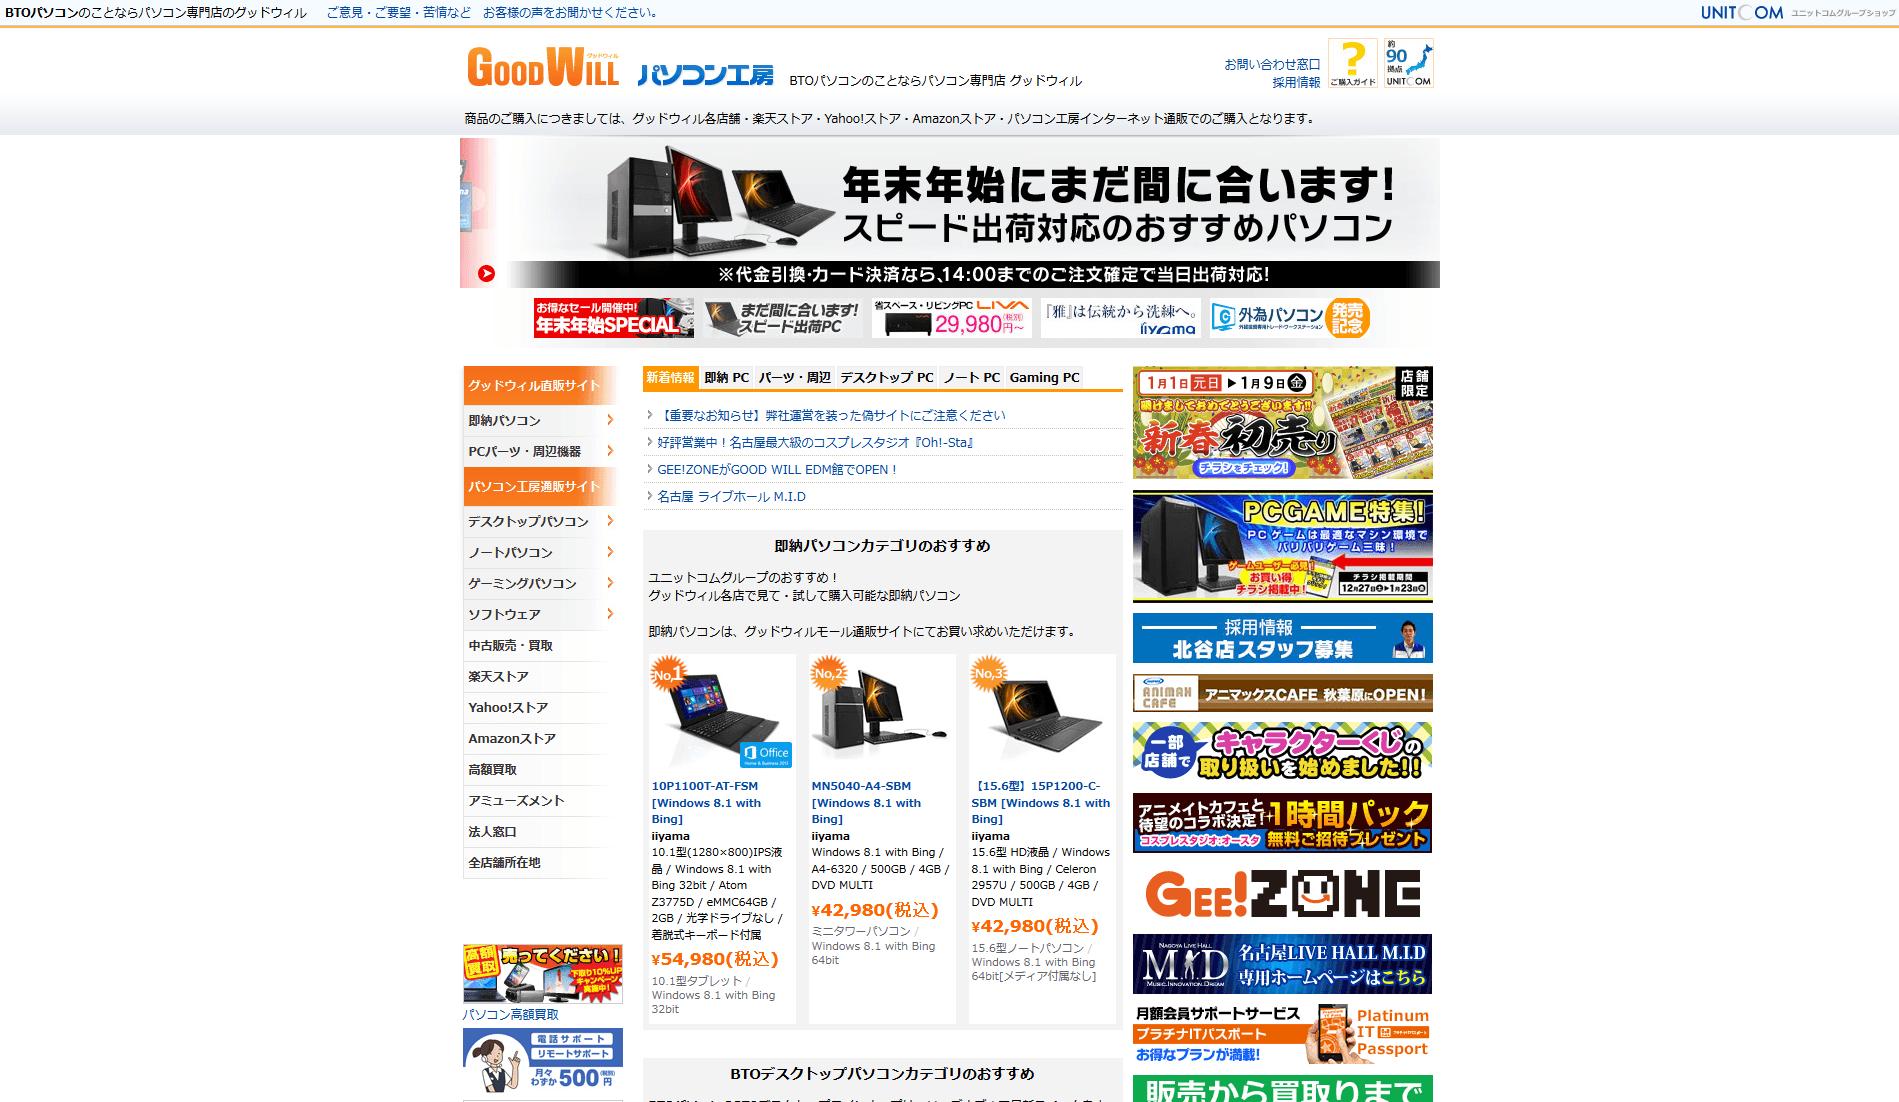 パソコン・BTOパソコン通販のグッドウィル・オンライン